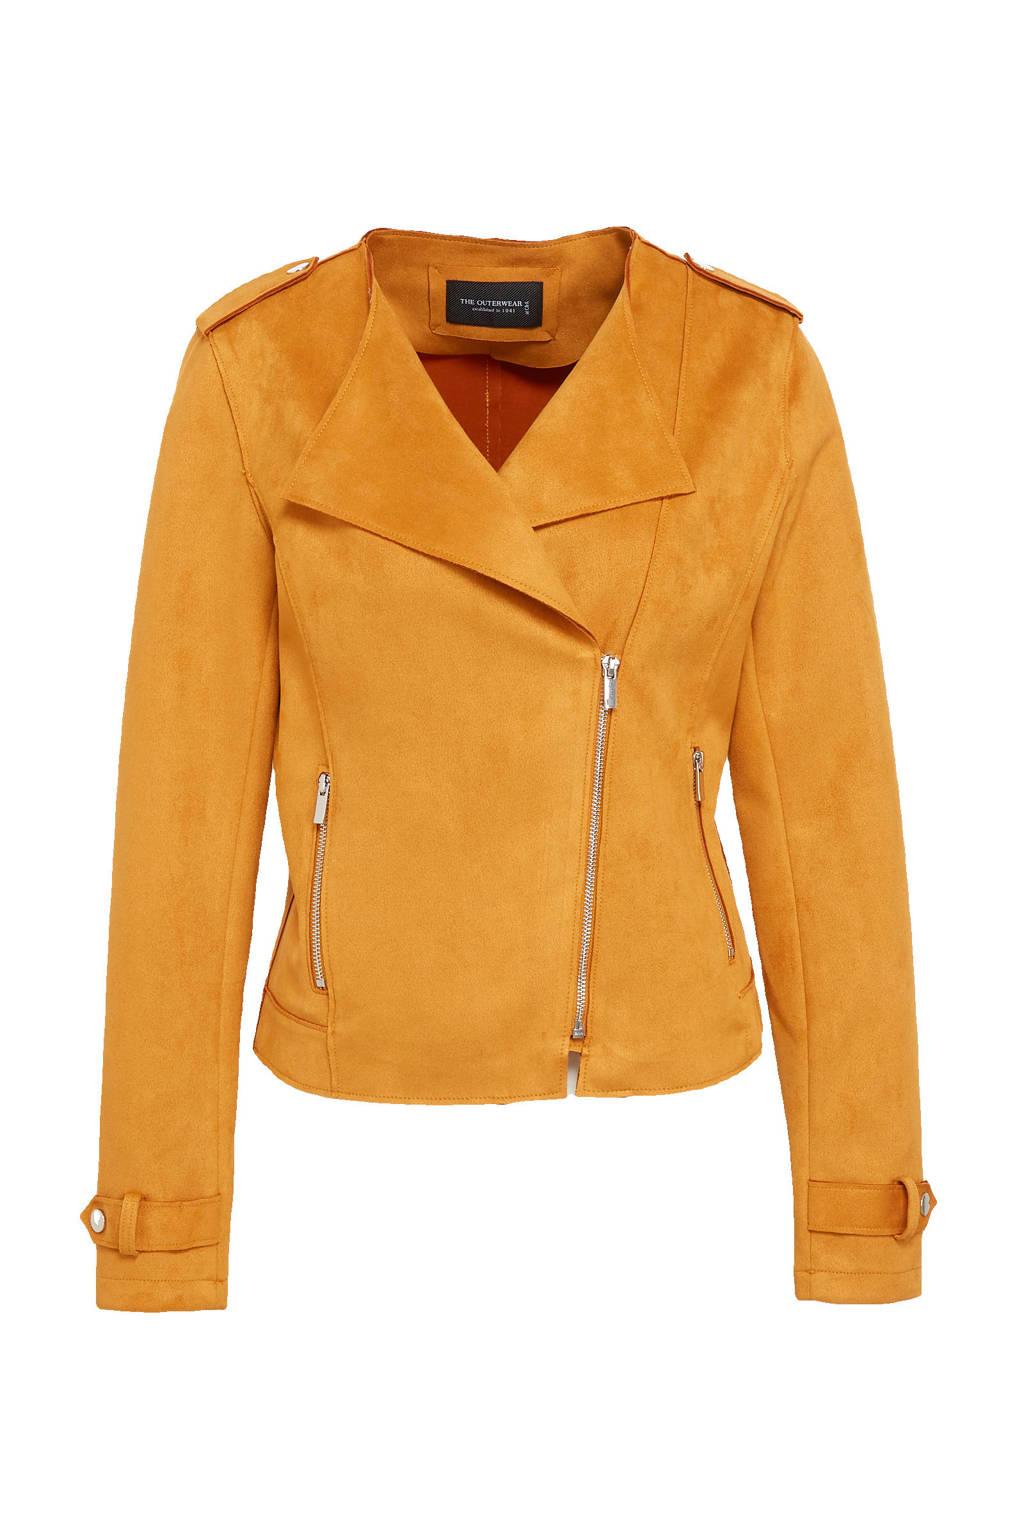 C&A The Outerwear velours bikerjack oker, Oker